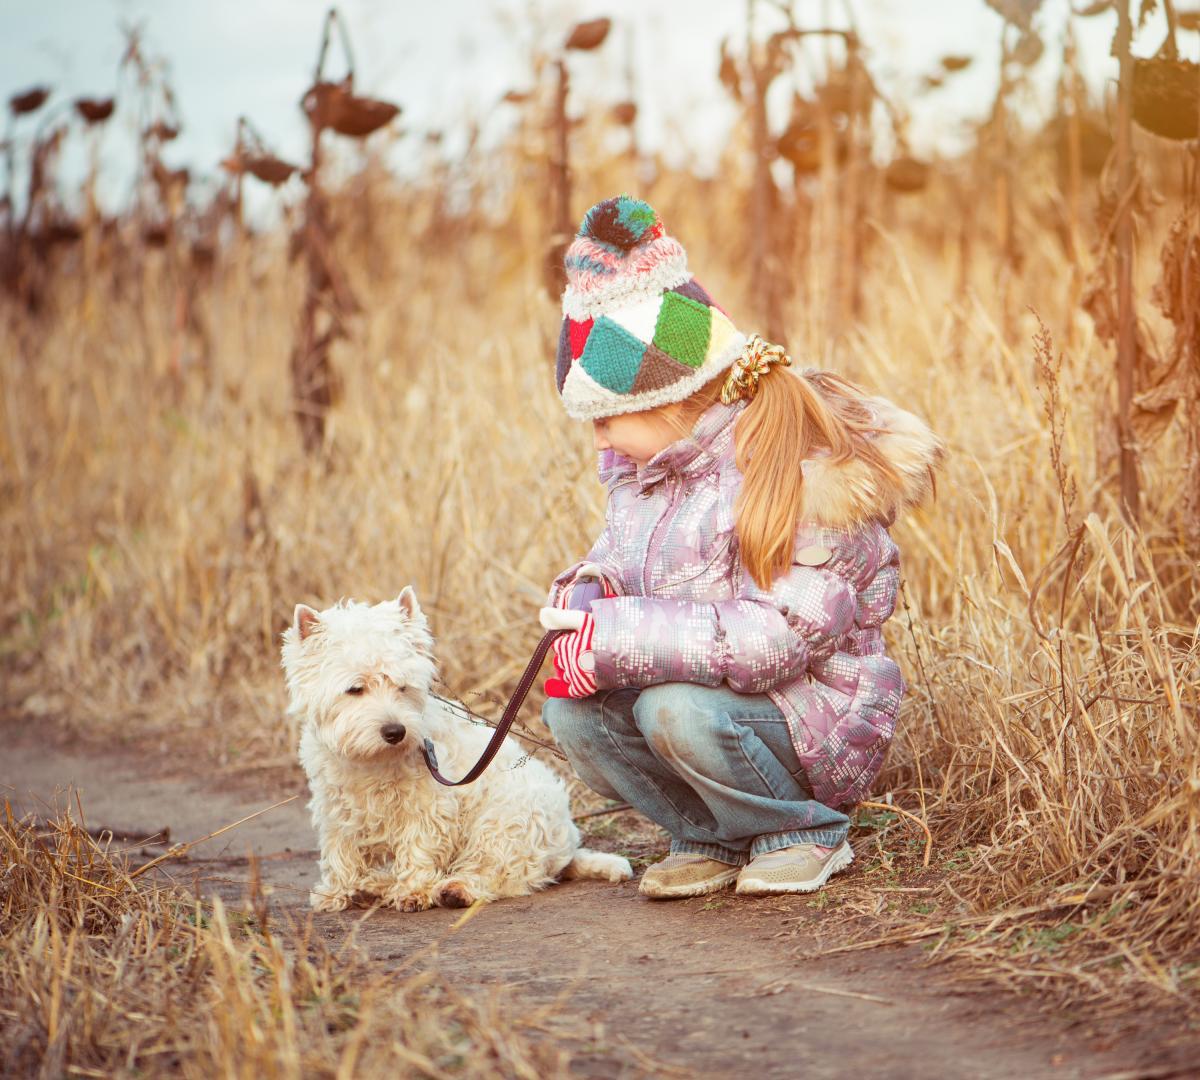 Комаровський обурився тим, що собаку в парку можна вигулювати, а дитинутепер не можна / фото: ua.depositphotos.com